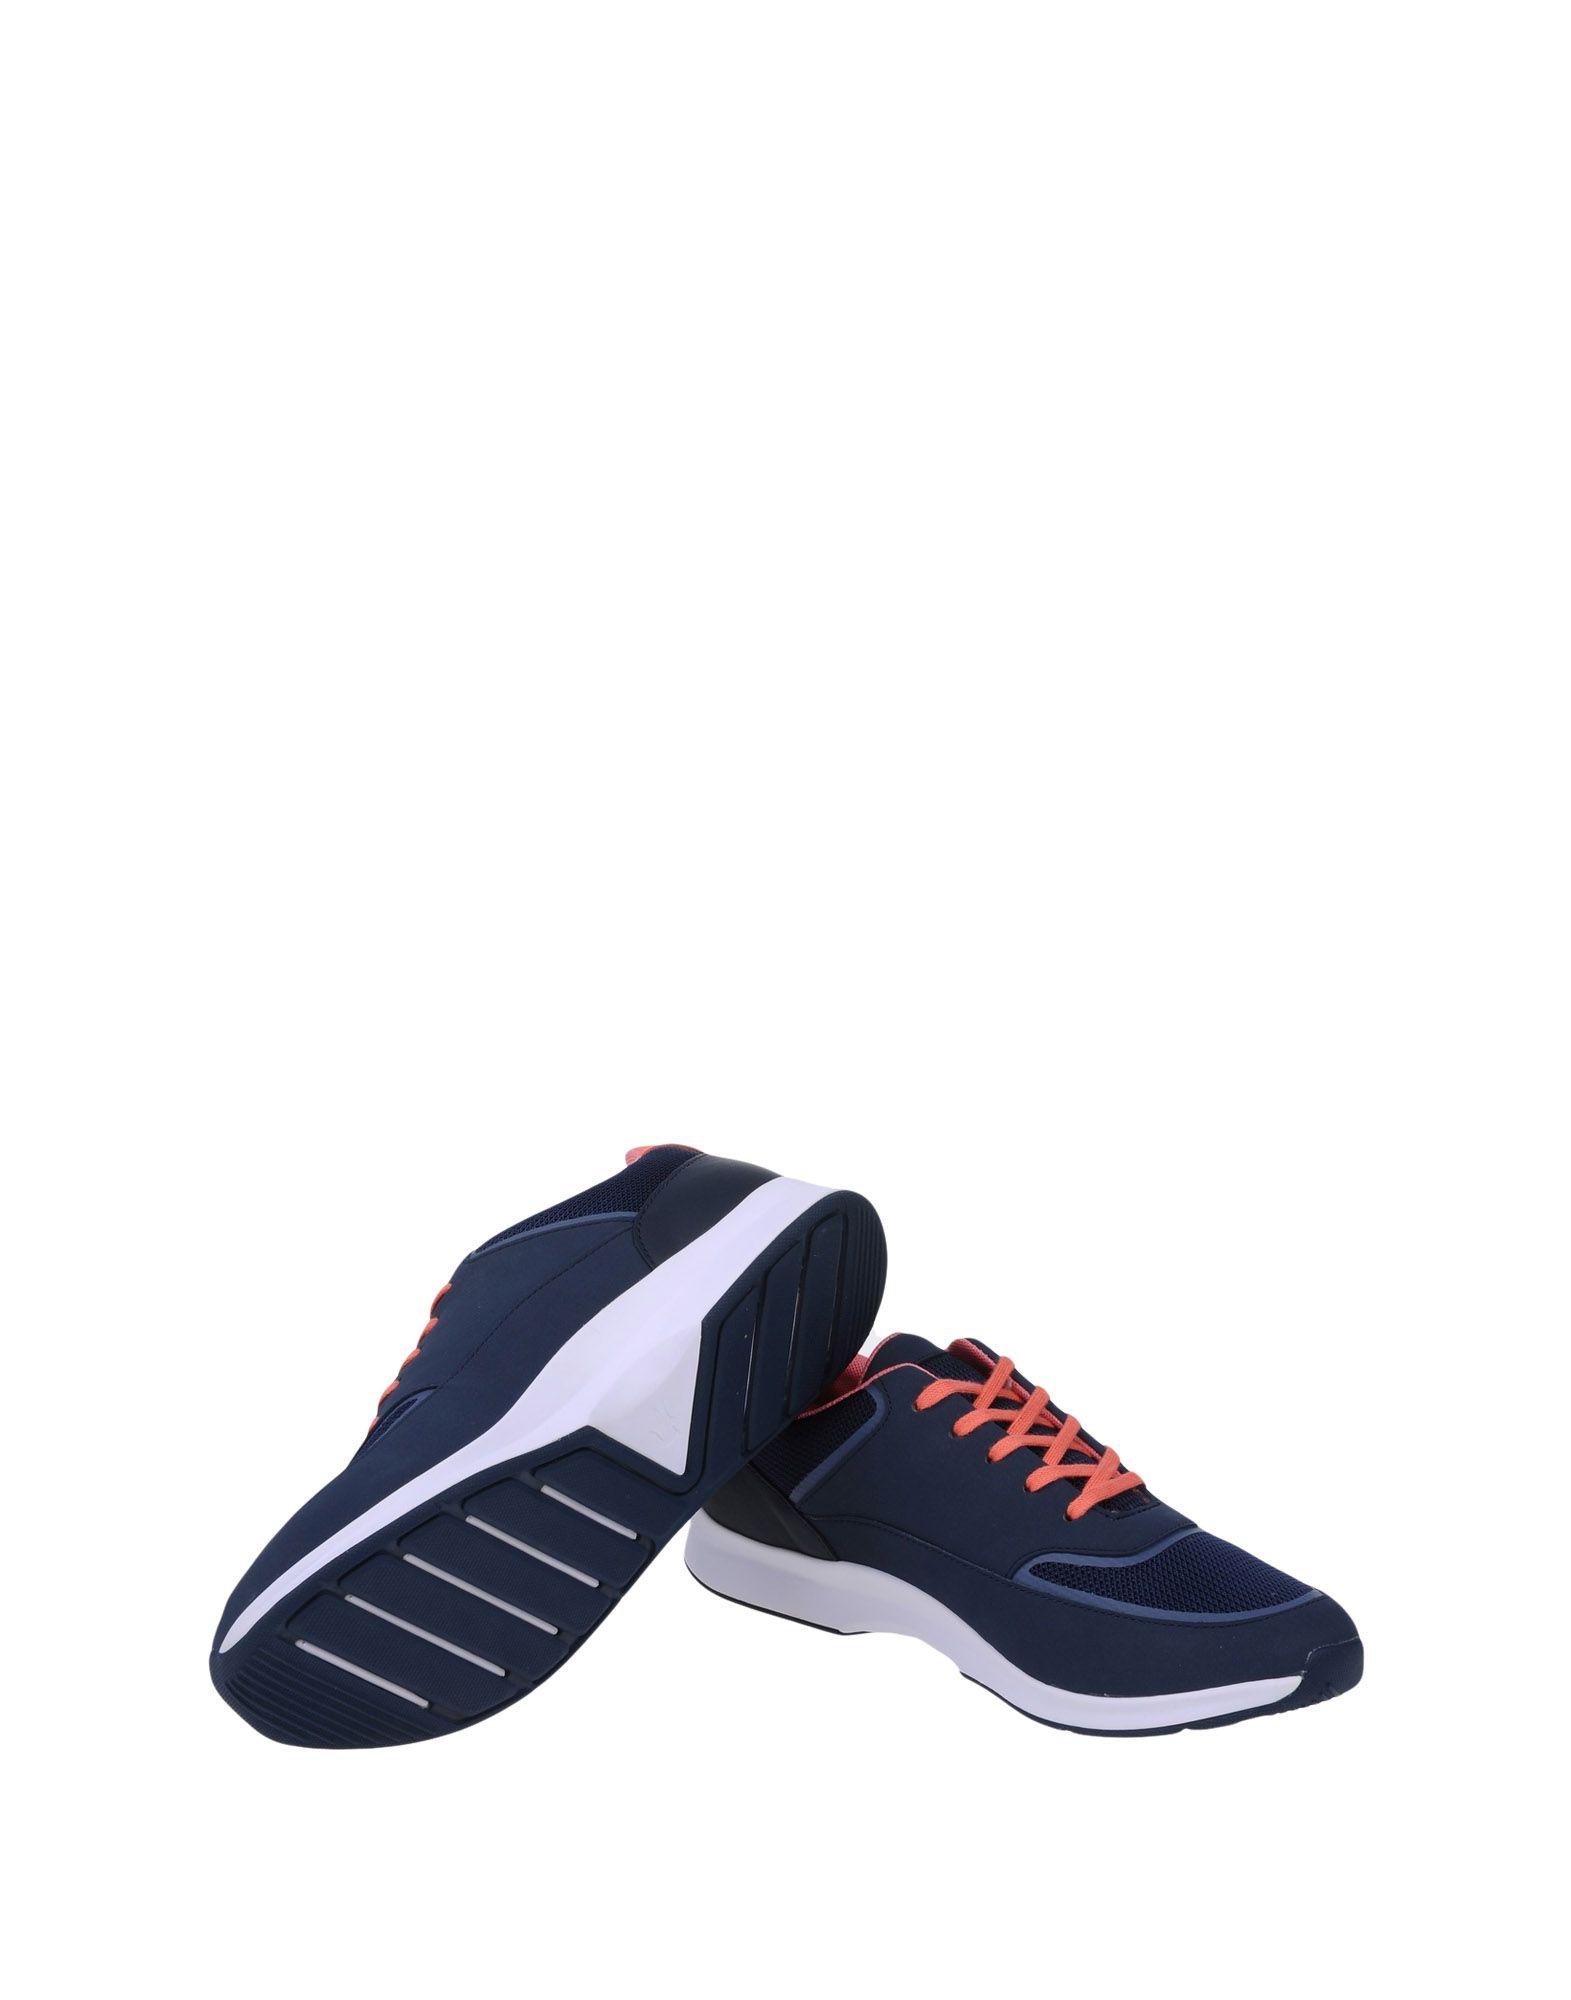 Lacoste Chaumont Lace 316 2  11107097CT Gute Qualität beliebte Schuhe